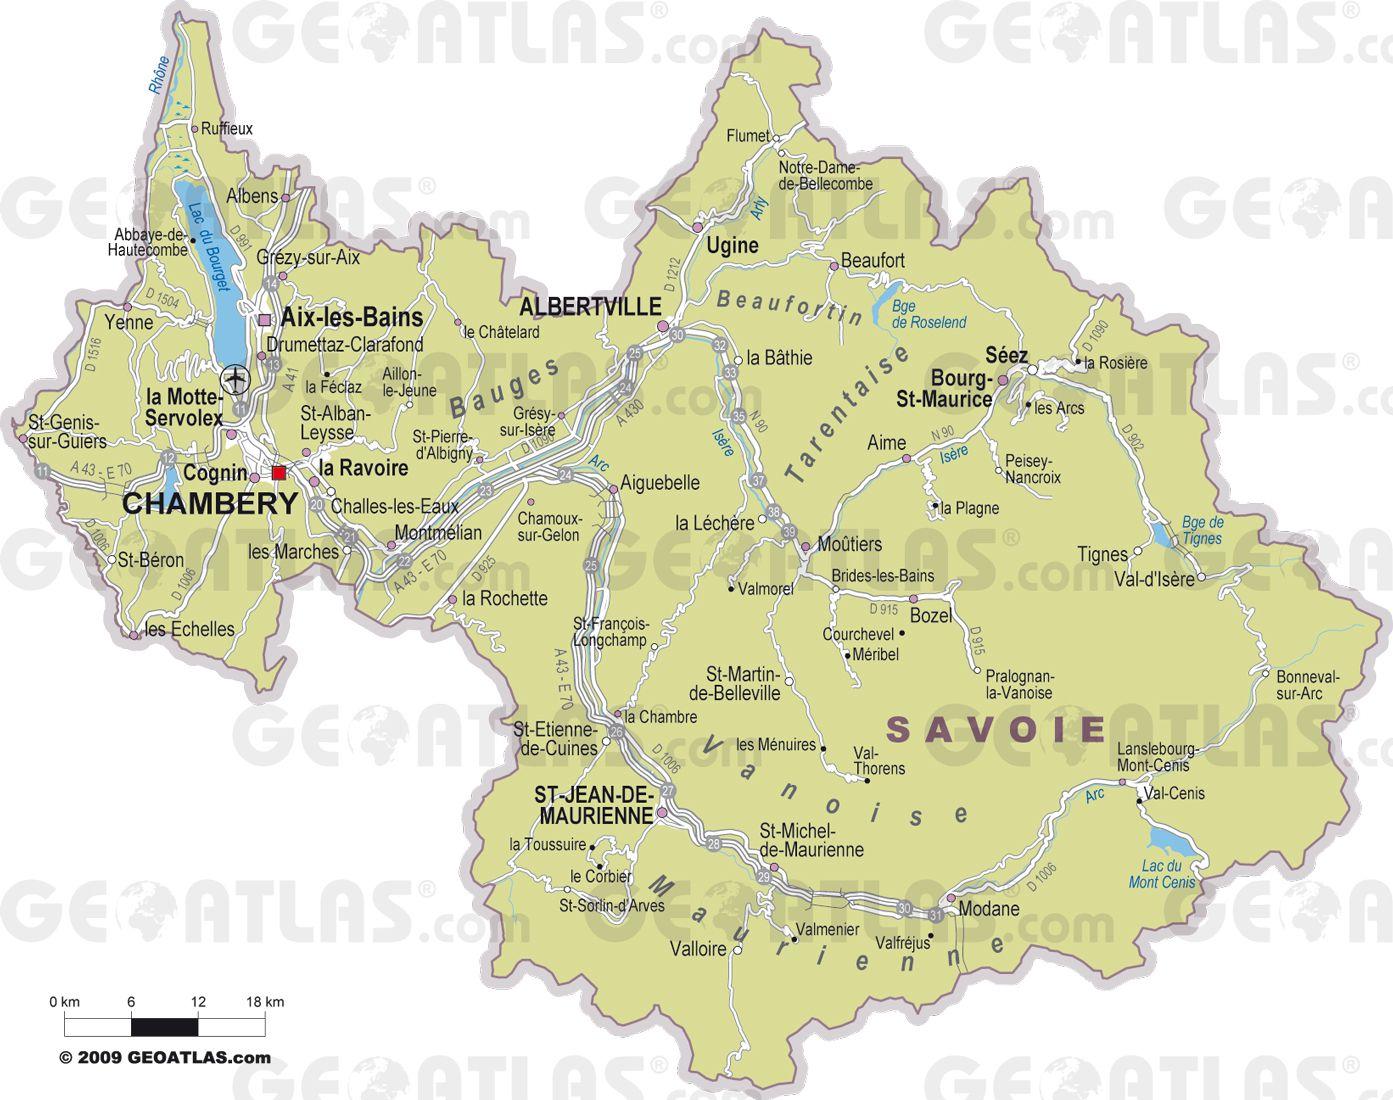 Carte des villes de la Savoie